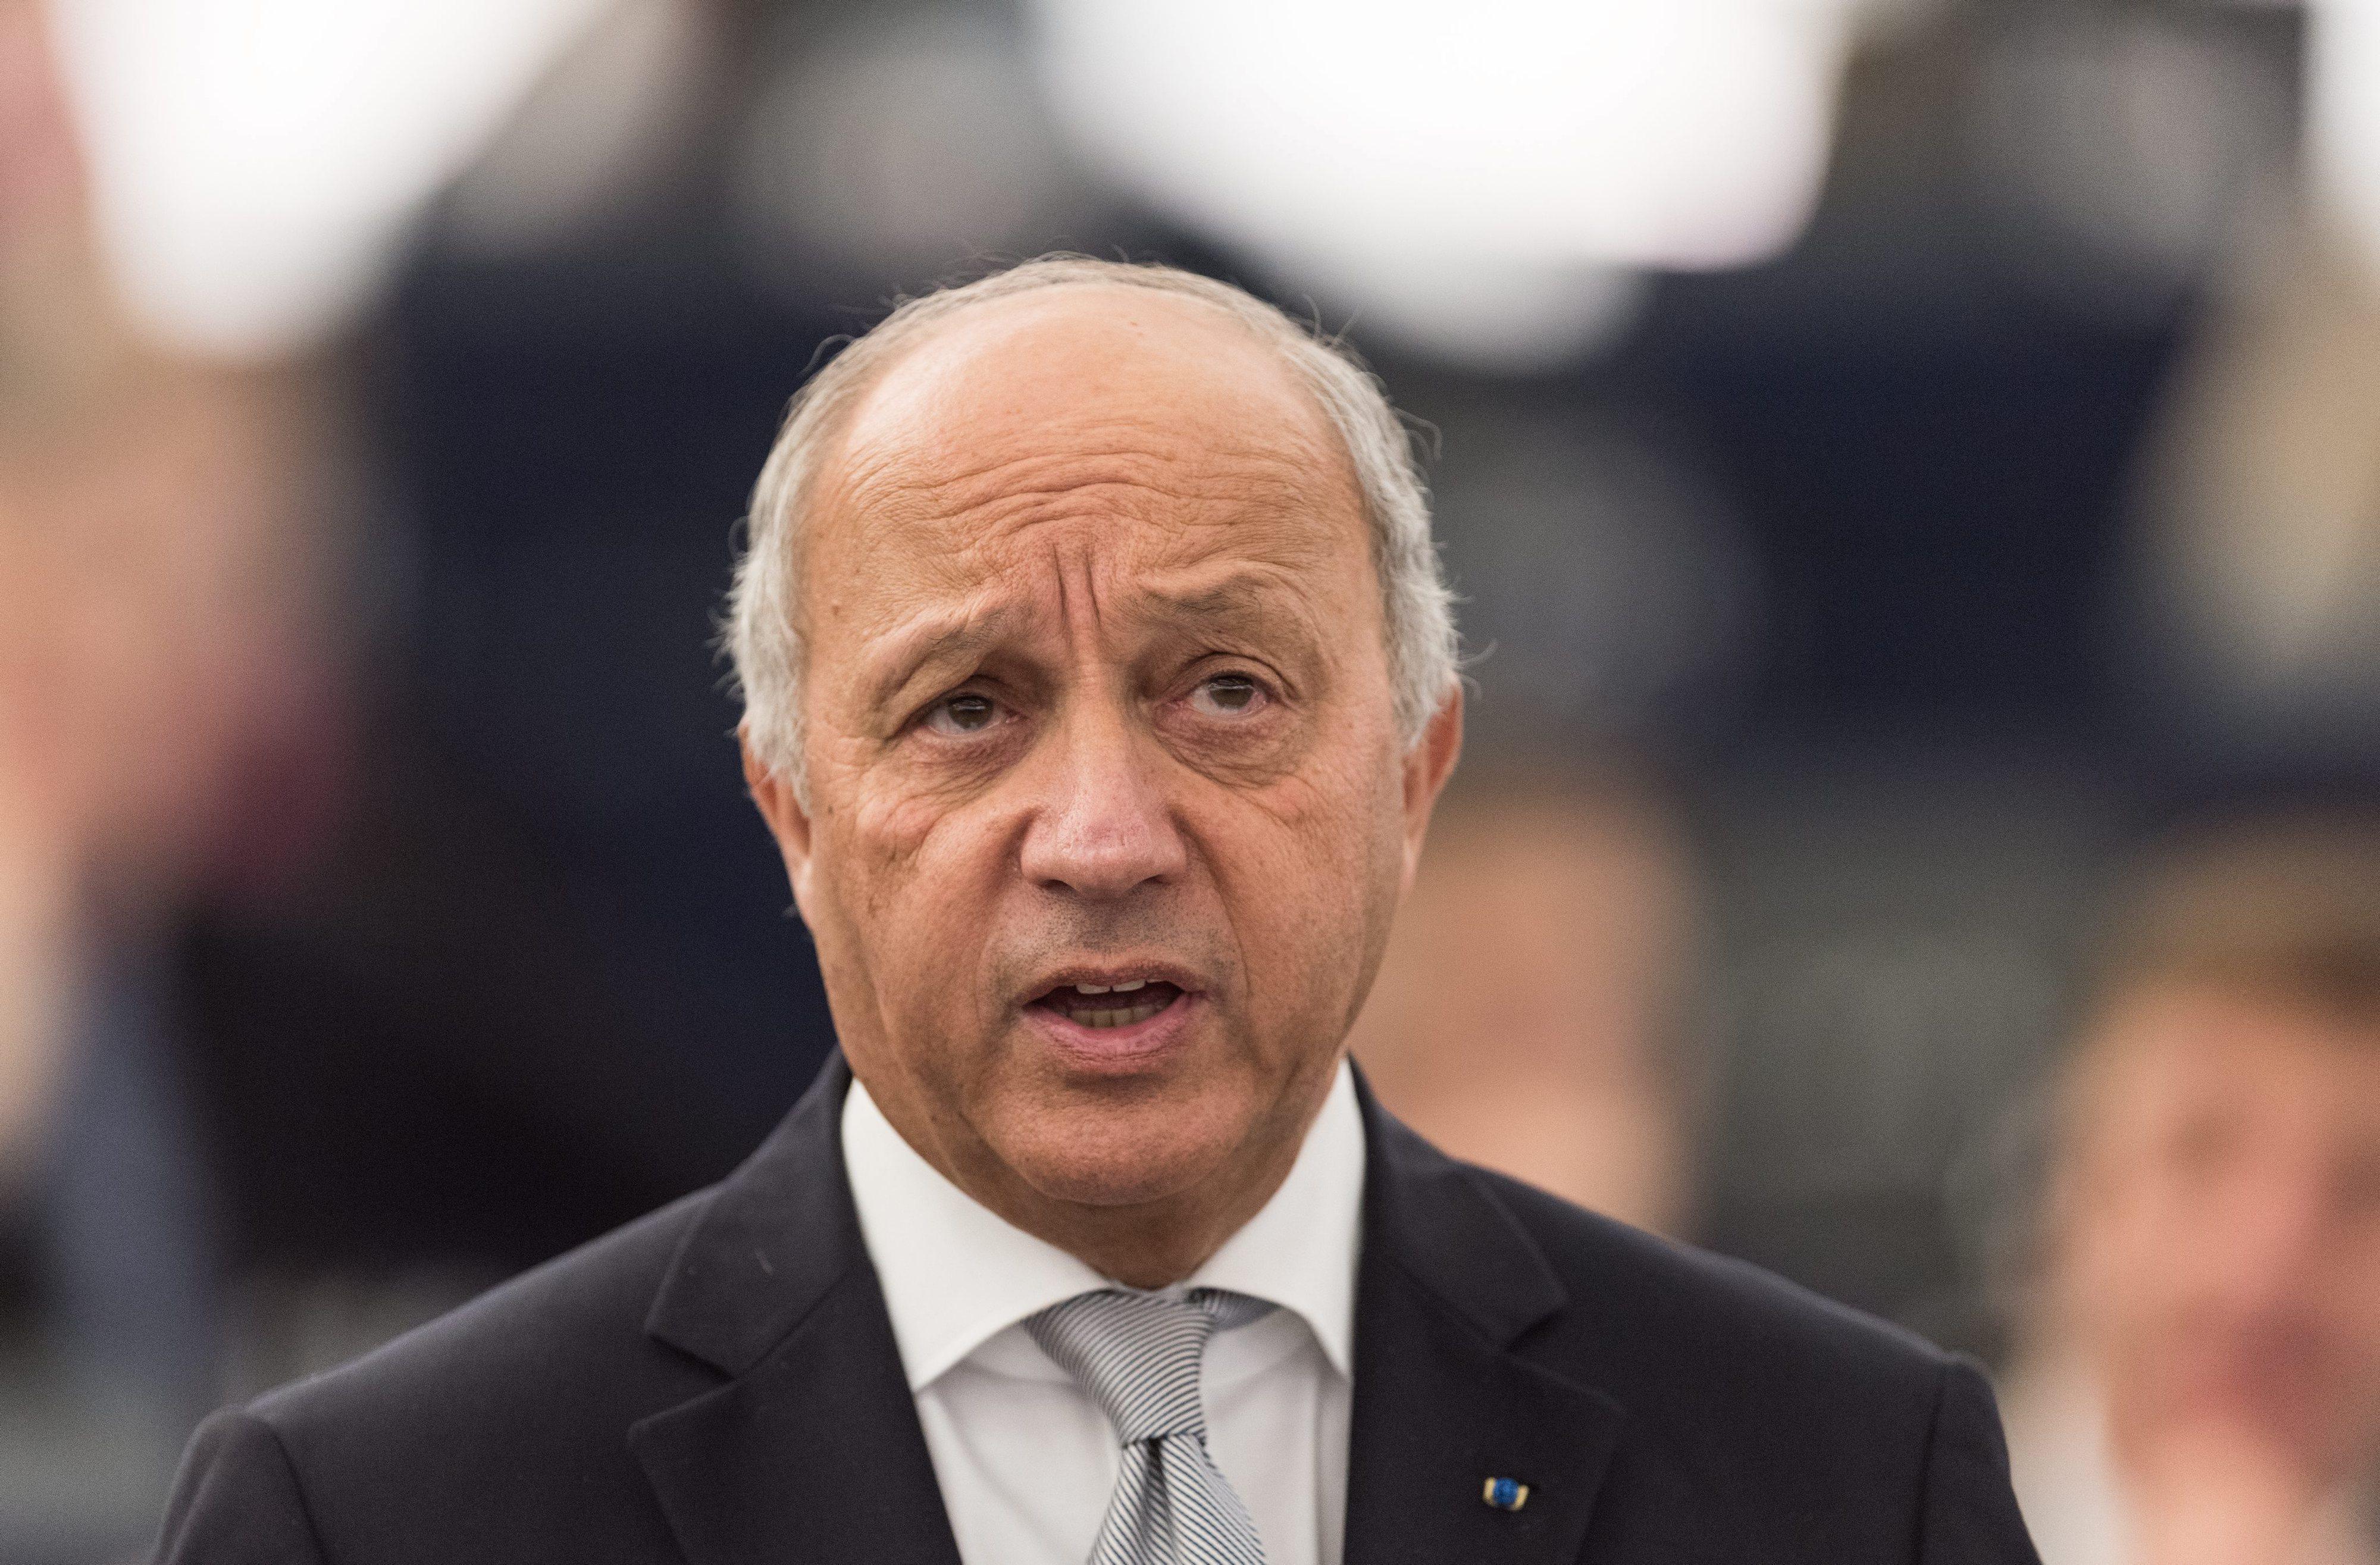 Chefe da diplomacia de França, Laurent Fabius, anuncia demissão